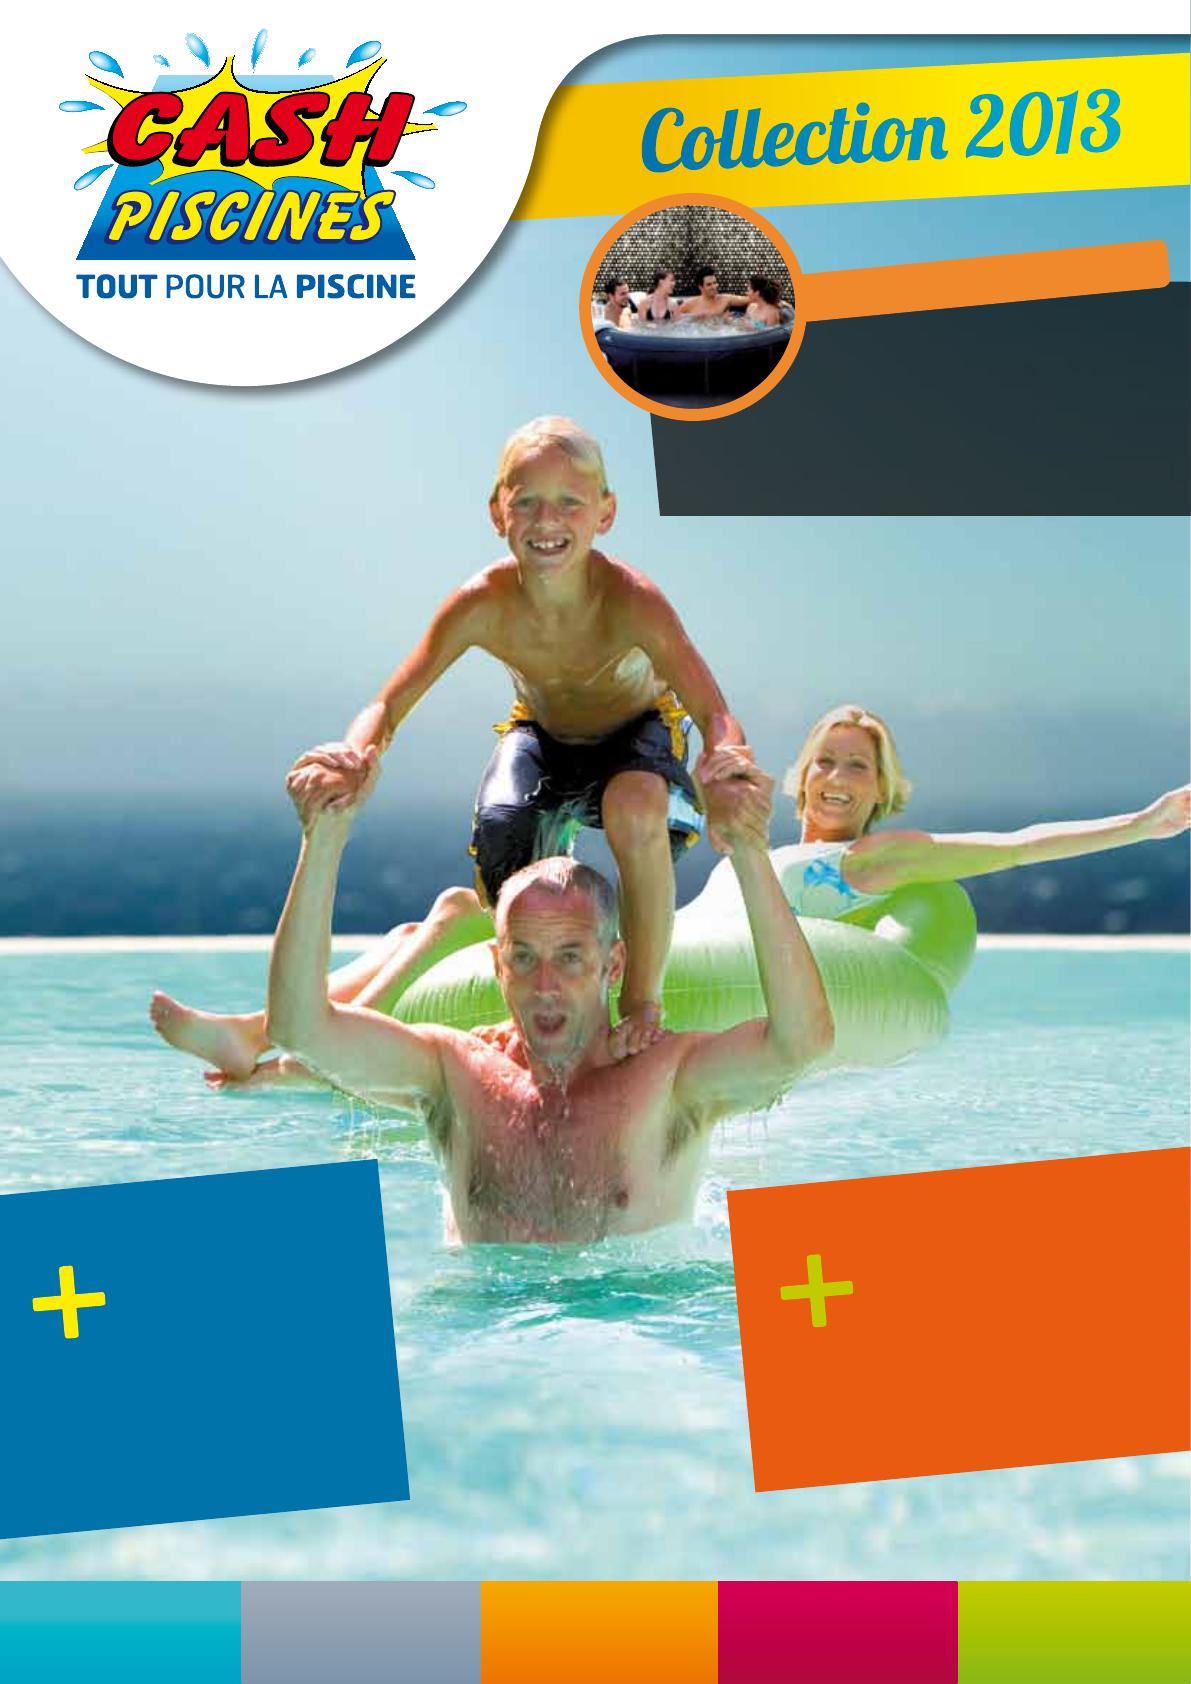 Cash Piscines Catalogue 2013 avec Cash Piscine Toulon